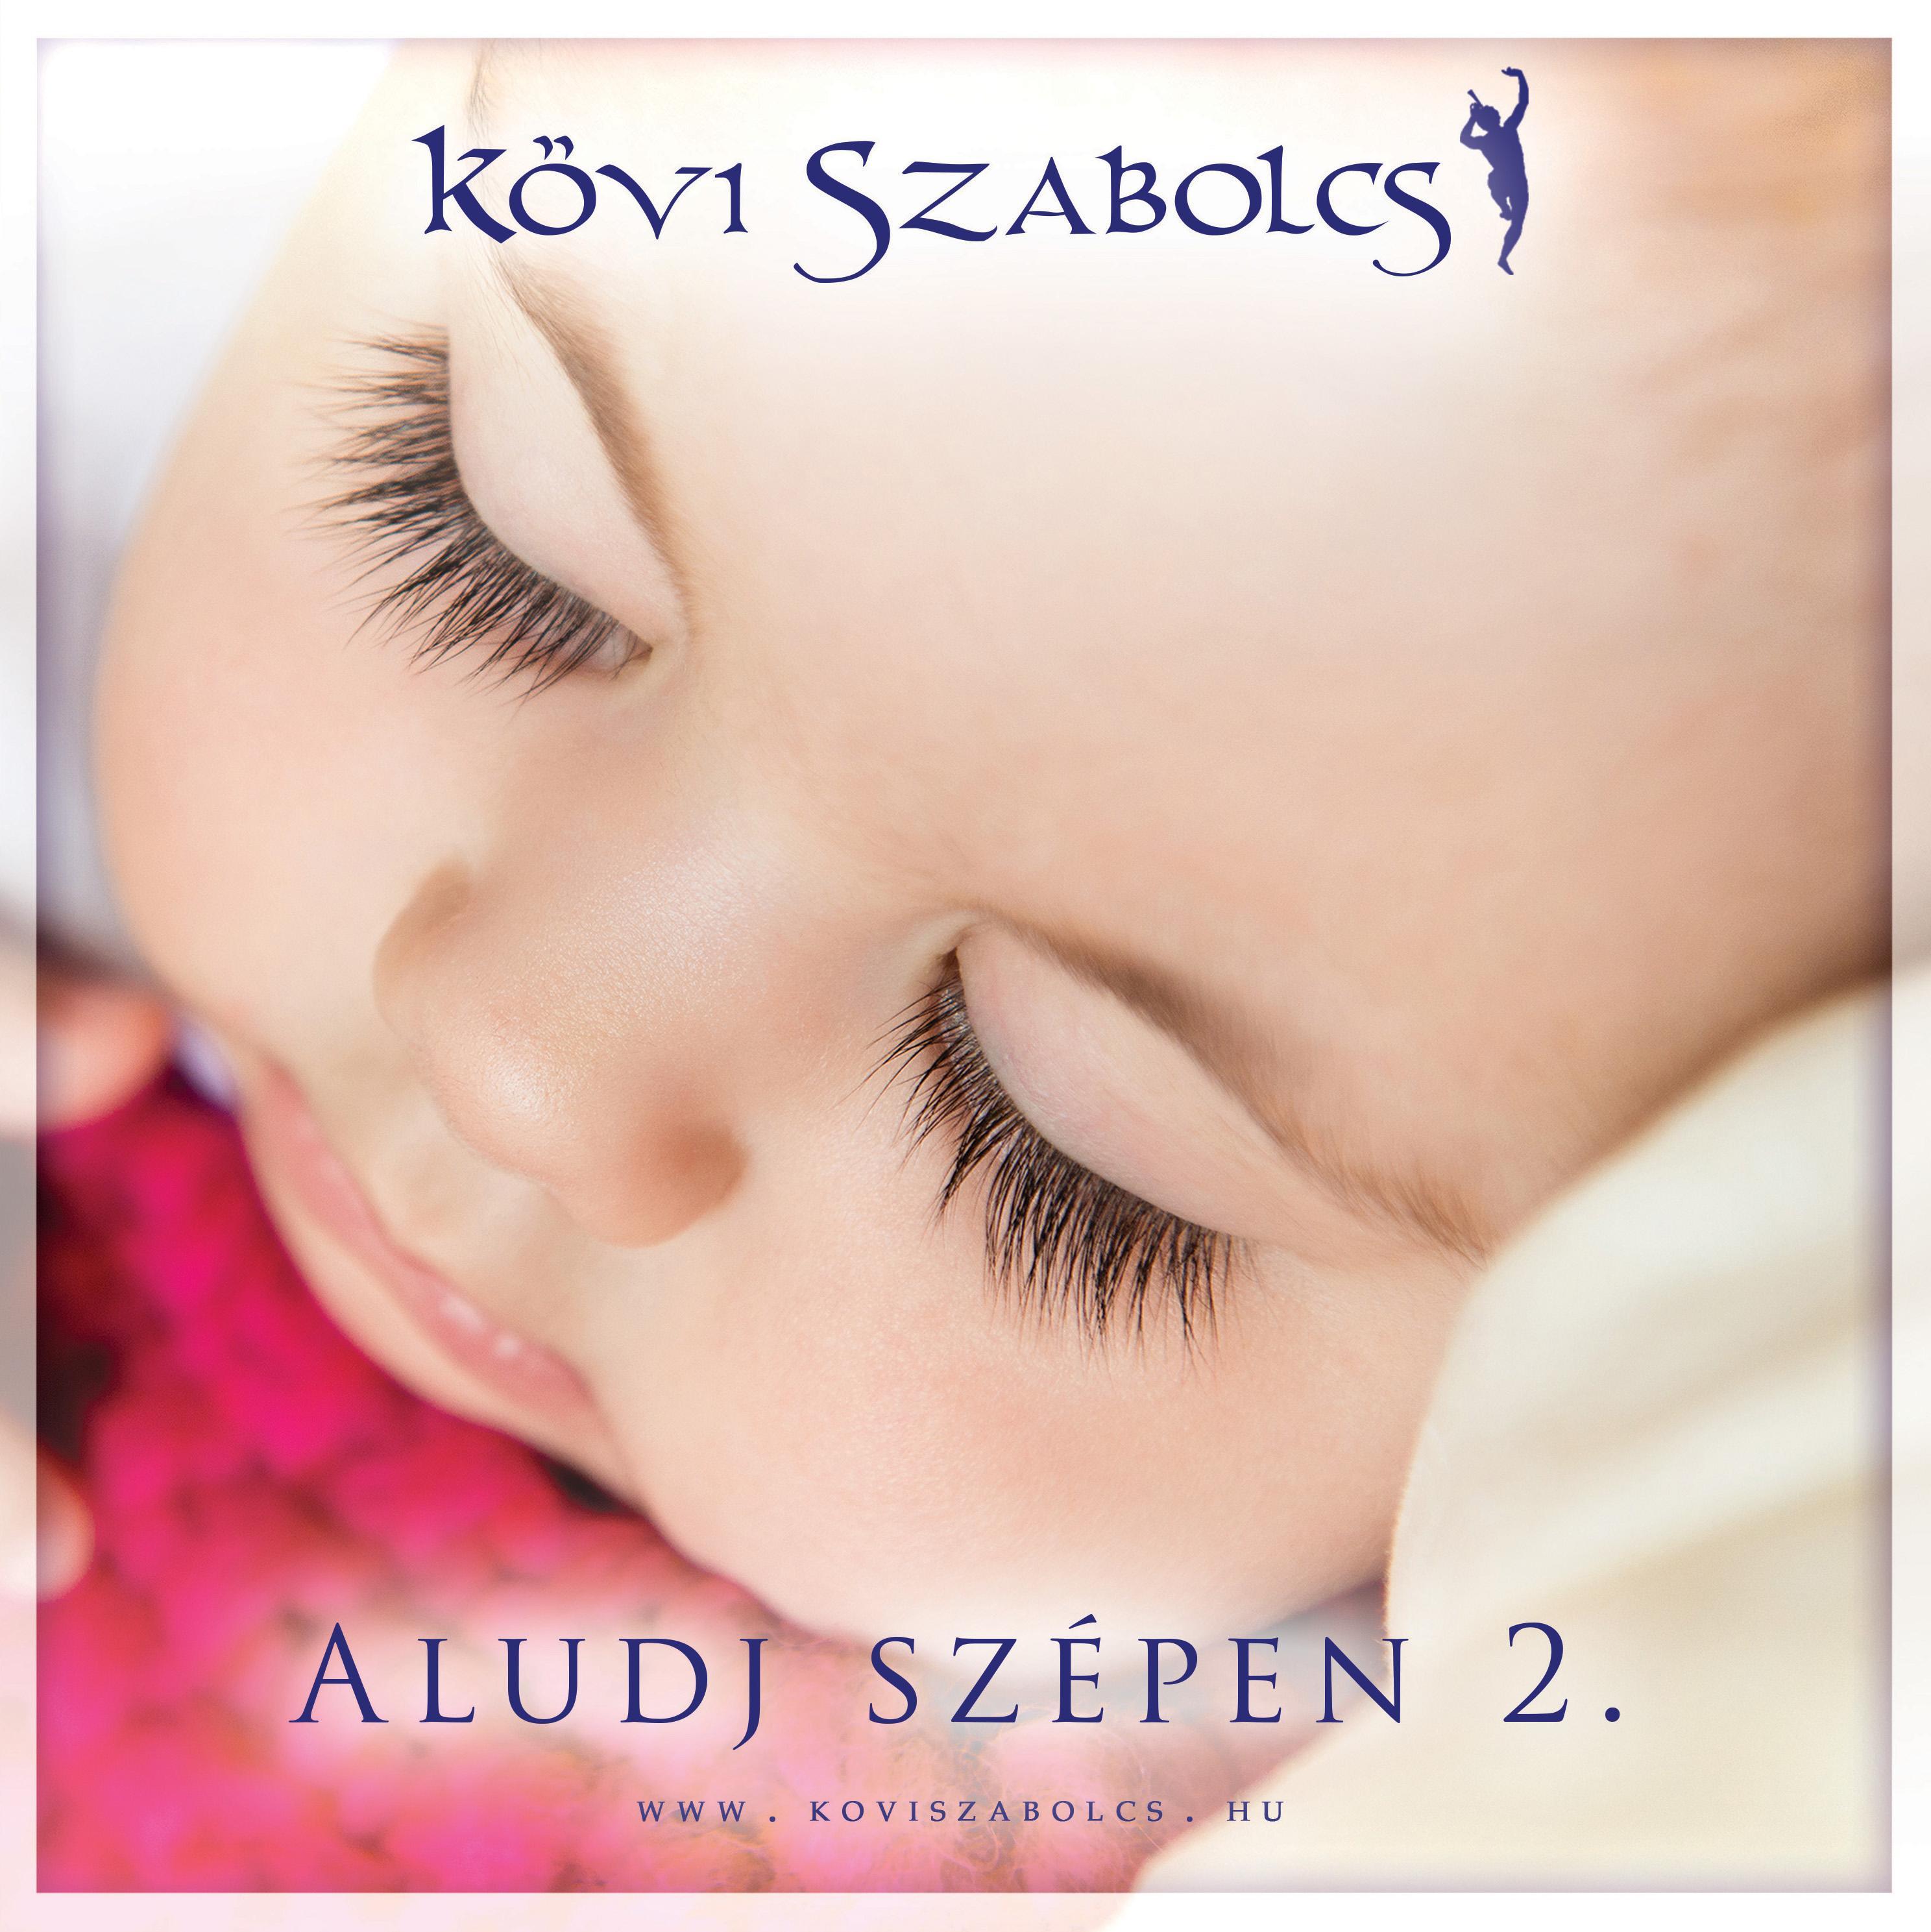 KÖVI SZABOLCS - ALUDJ SZÉPEN 2. - CD -